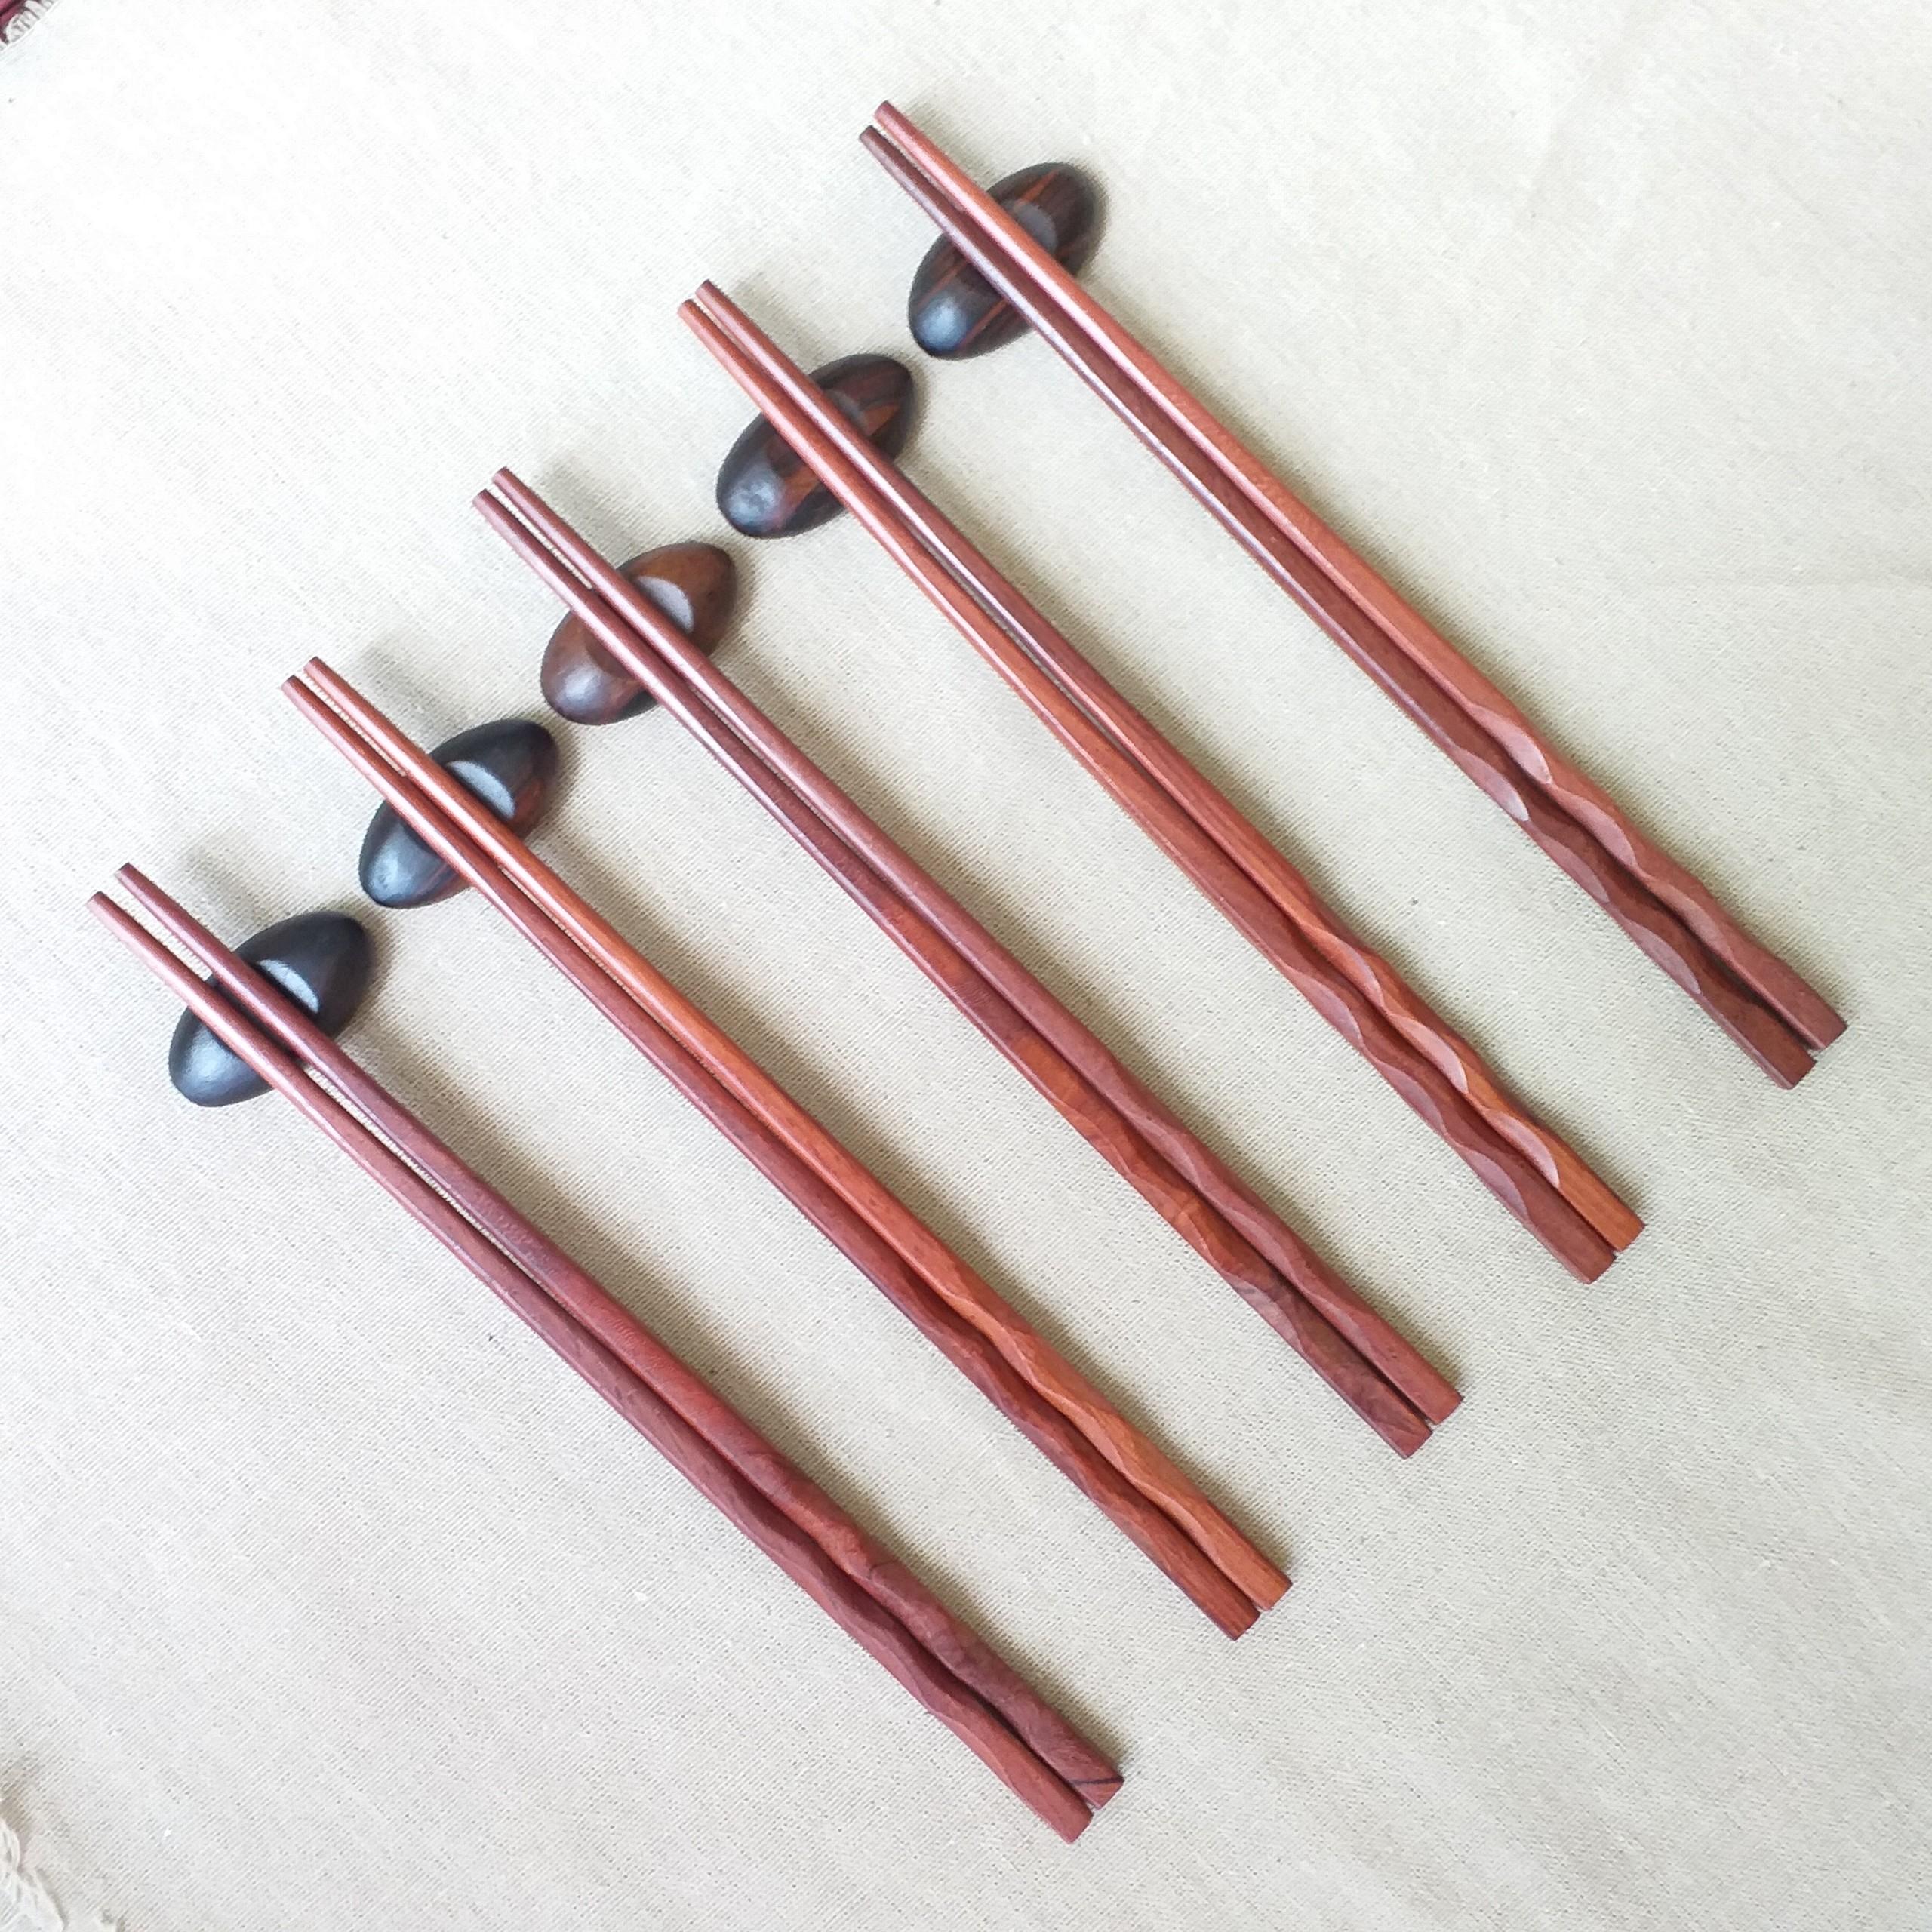 Đũa gỗ Cẩm vuông 24,5cm - Thân xoắn ốc( 5 đôi /Túi) - (D17)